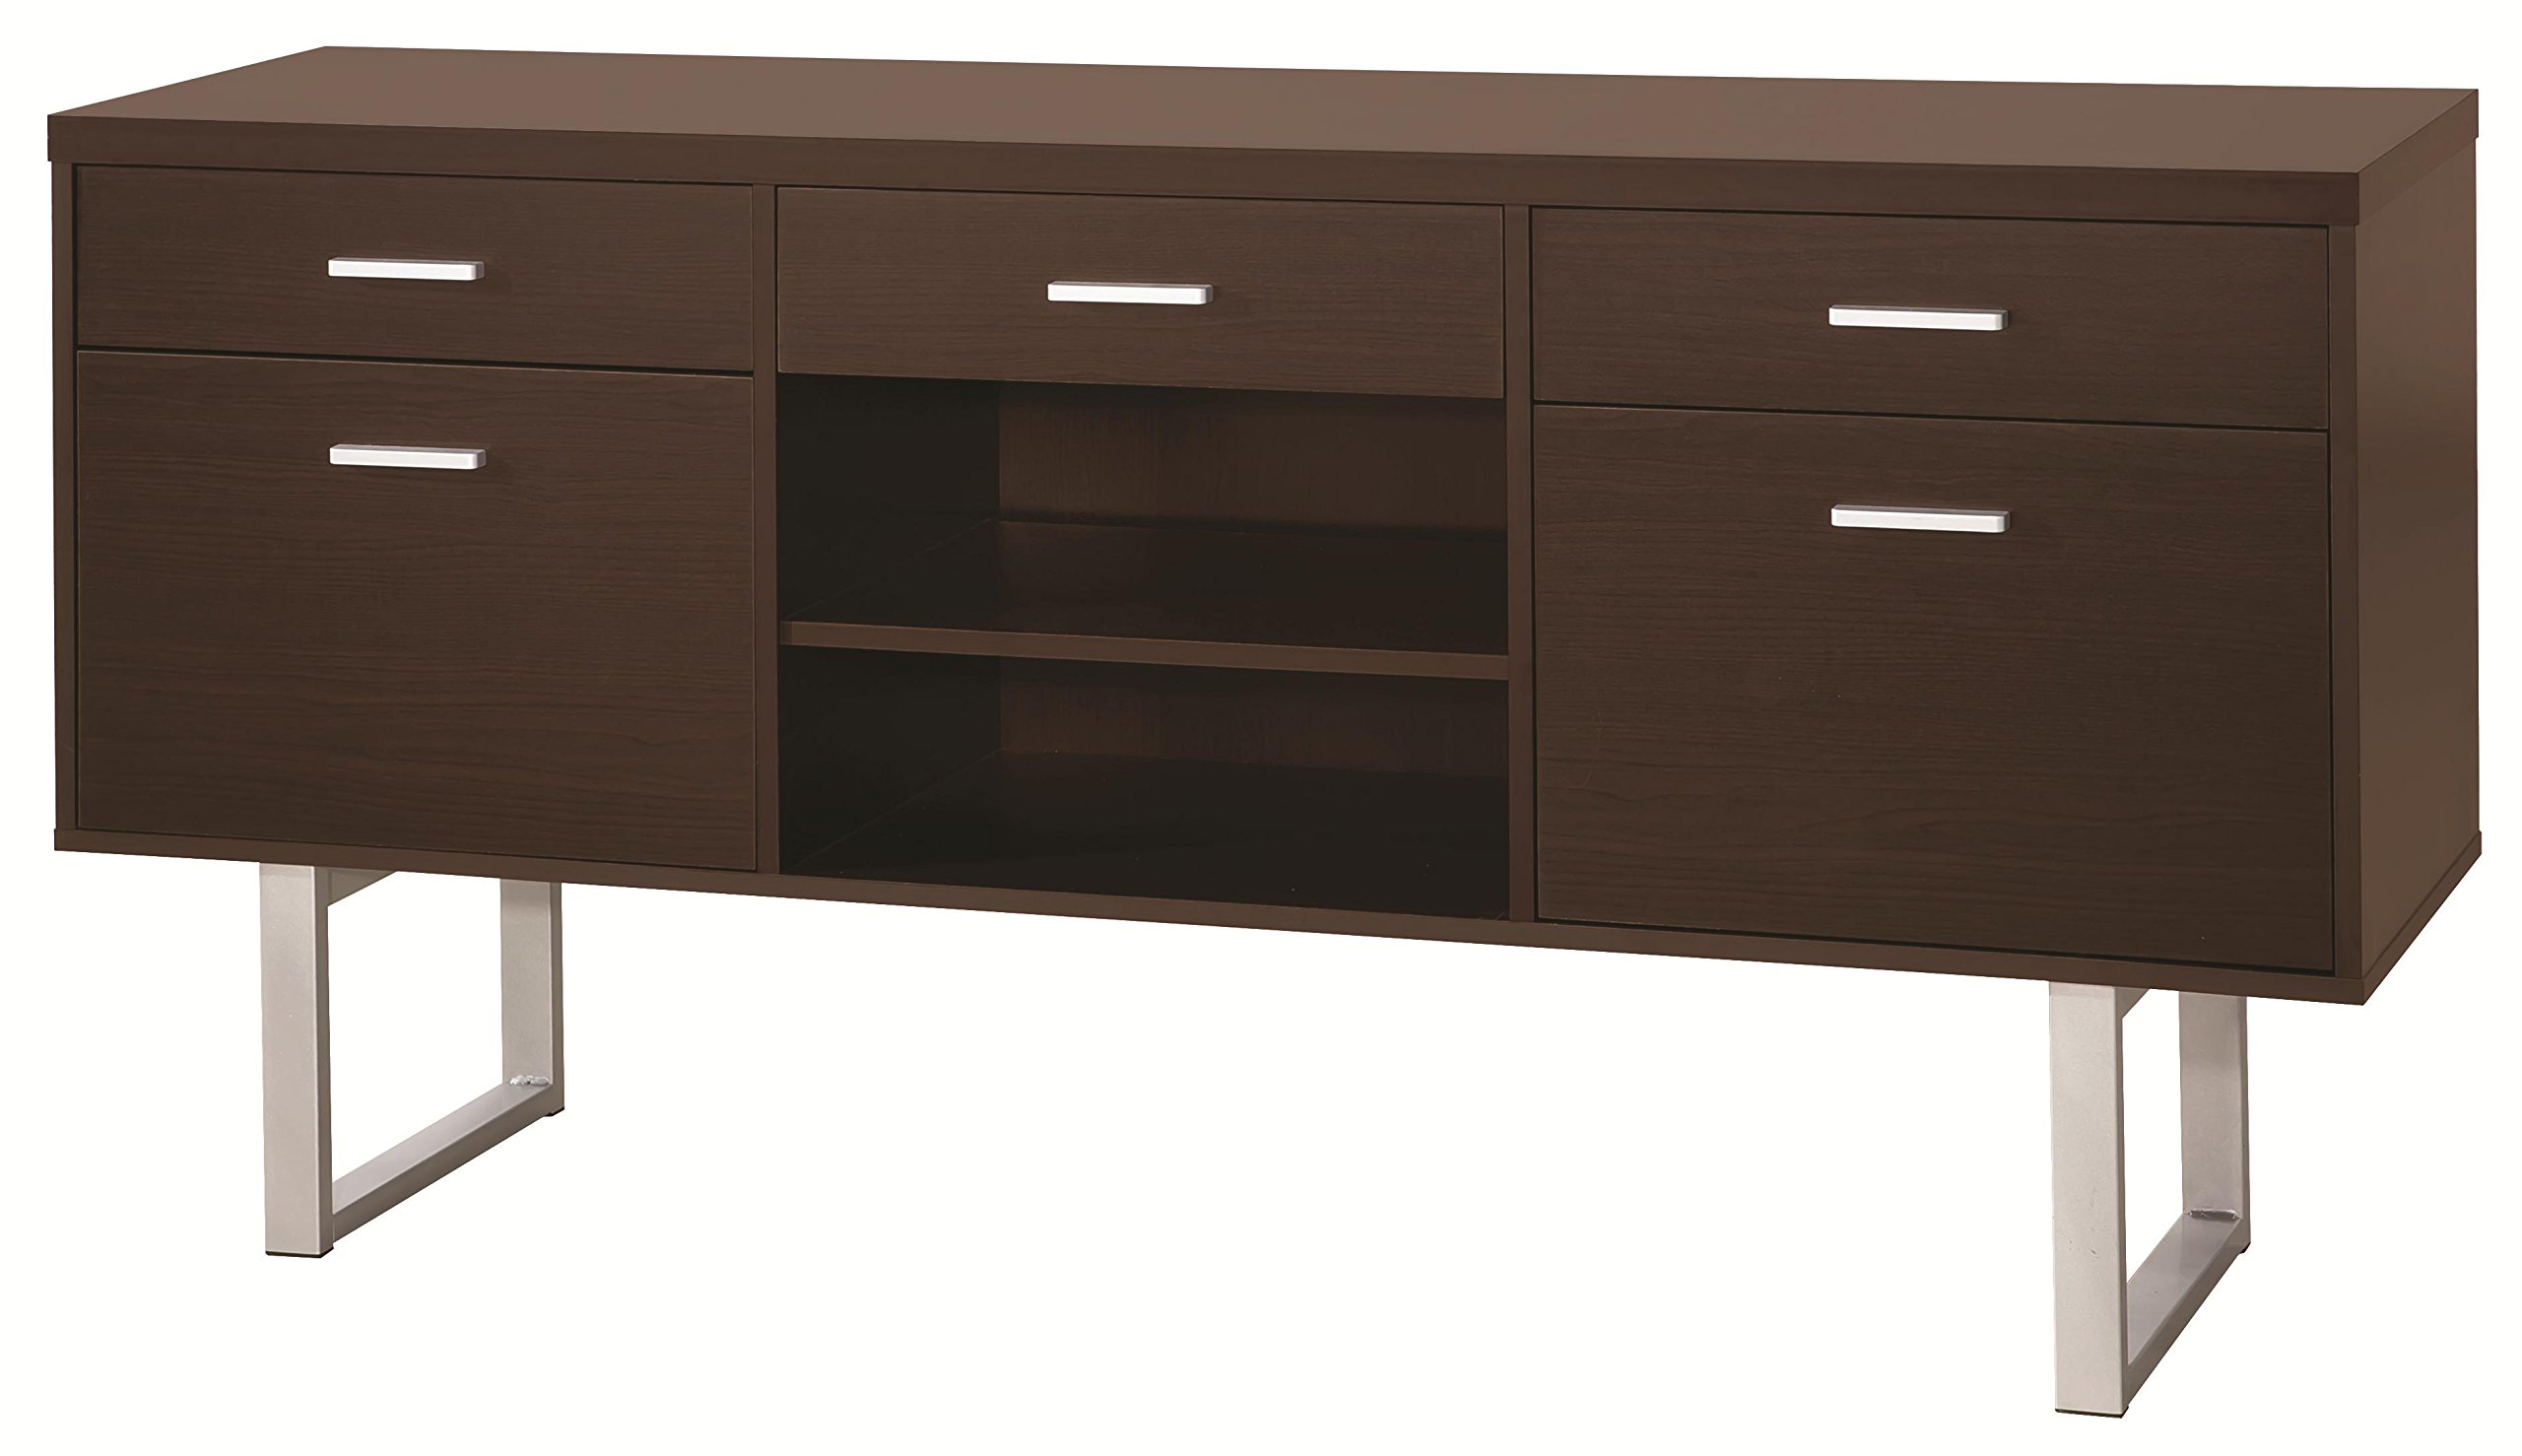 Credenza Contemporary : Contemporary sideboard wooden calvin klein home